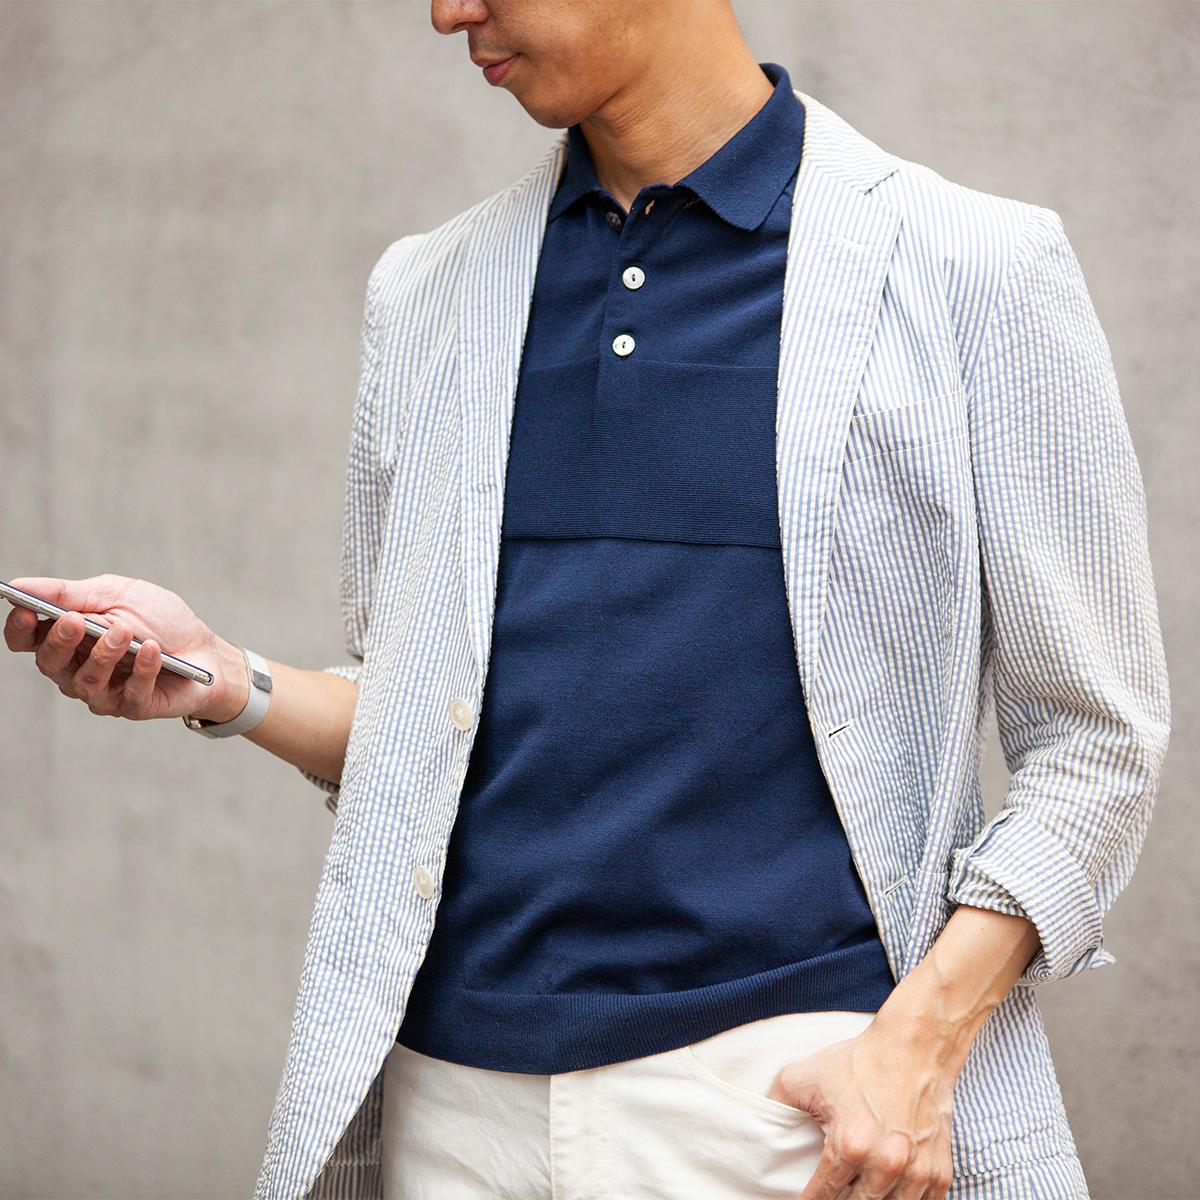 紫外線カット機能もある。原料の和紙の製造から、ポロシャツの編みまで、オール・メイド・イン・ジャパンの希少品「ニットポロシャツ」|伊予和紙ポロシャツ